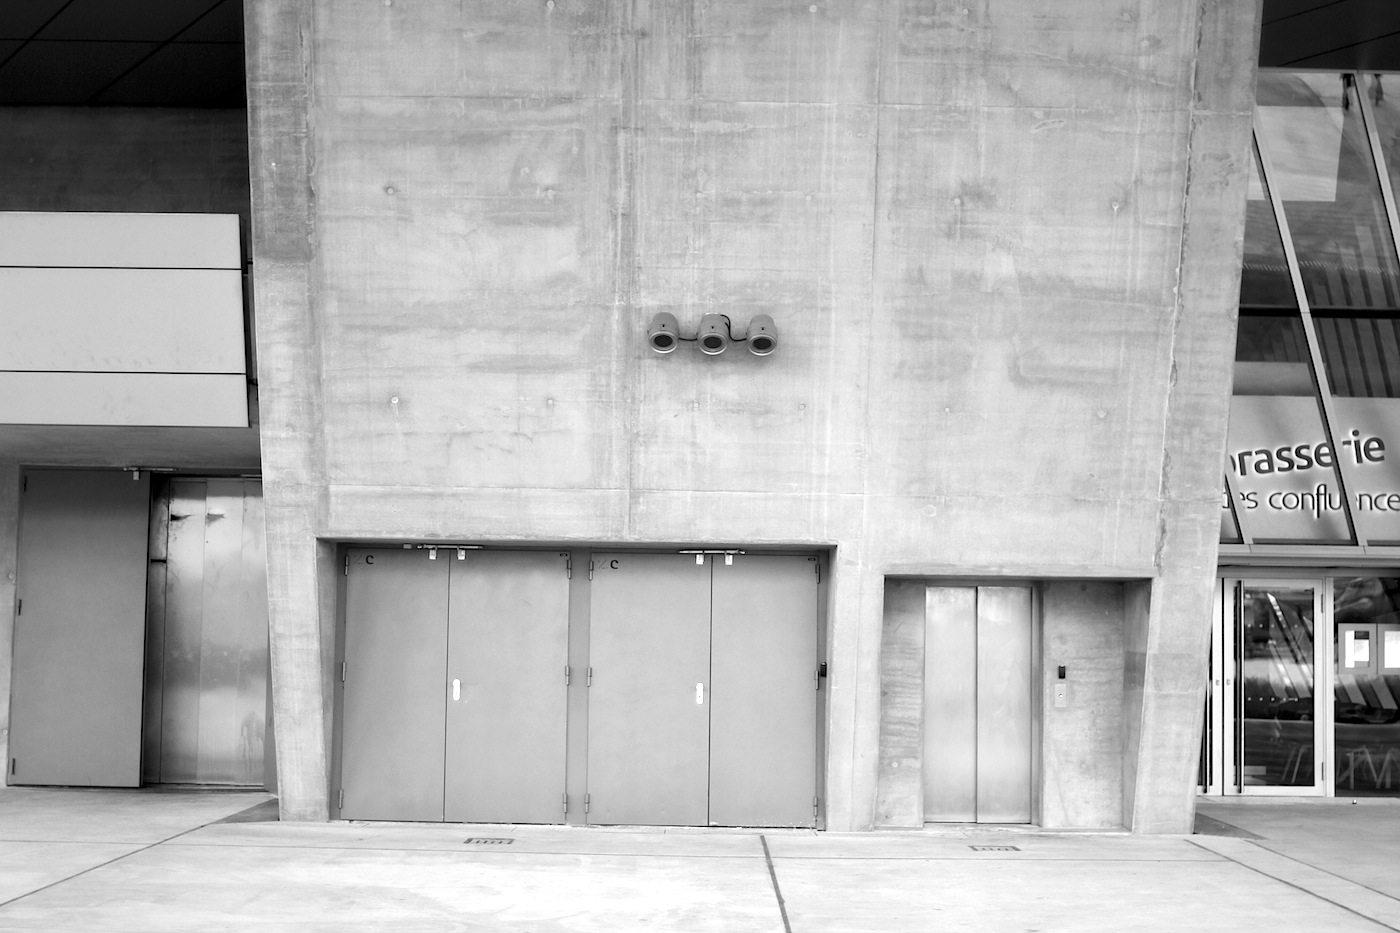 Materialien. Wo das Museum eben noch elegant und nonkonform war, ist es an anderen Stellen nüchtern, nackt und grob.